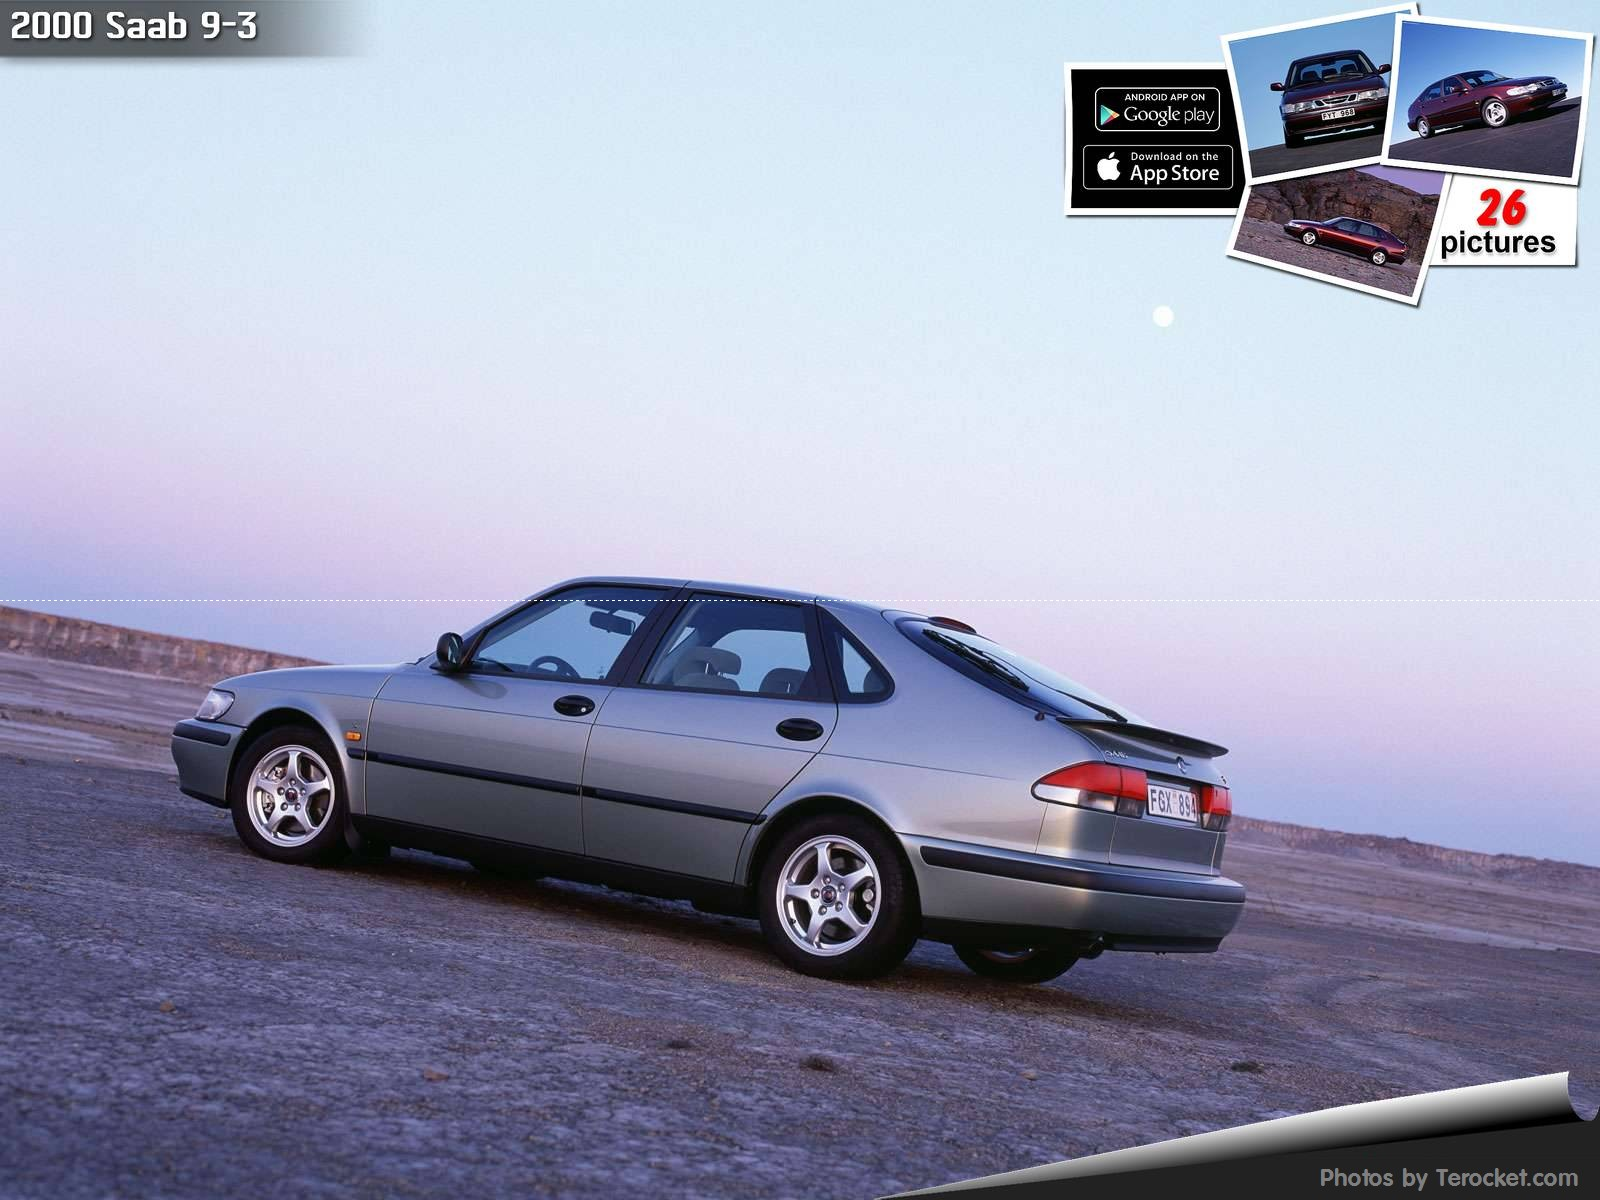 Hình ảnh xe ô tô Saab 9-3 2000 & nội ngoại thất